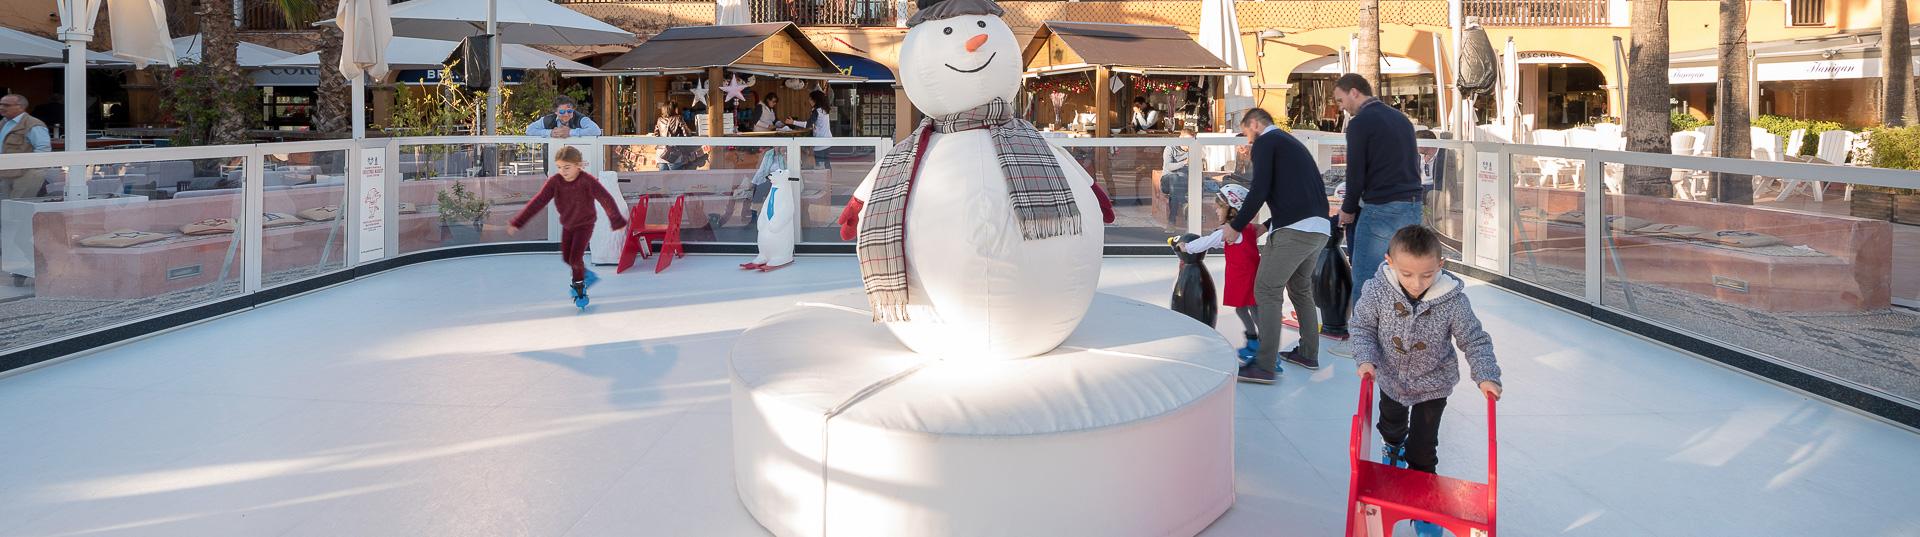 Pista de gelo no Natal | Você quer alugar sua pista de patinagem?